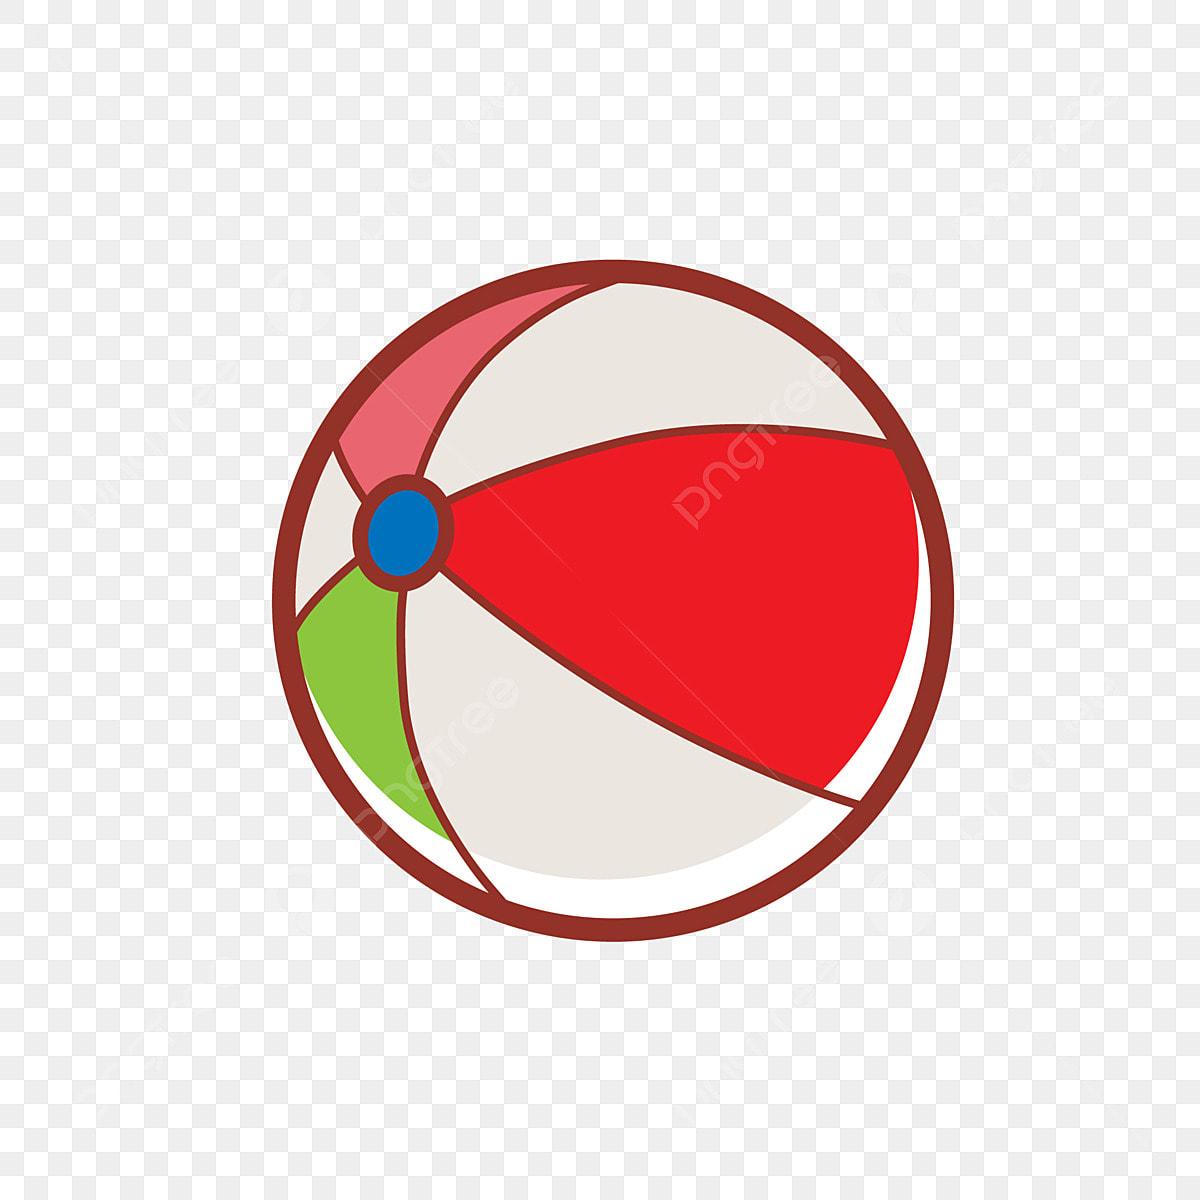 バレーボール, バレーボール, 運動ポスター素材, 運動器材画像と